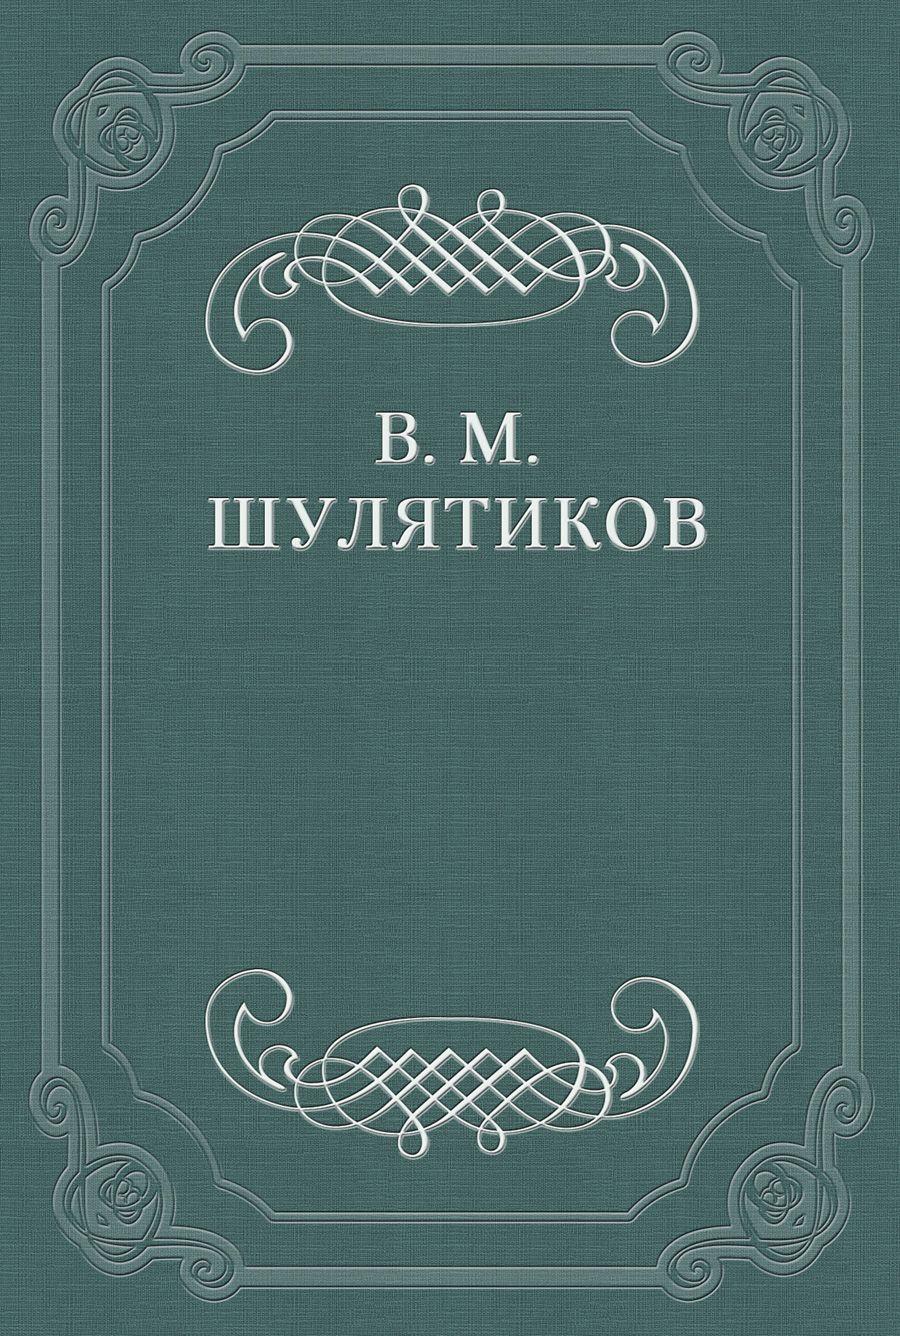 Владимир Михайлович Шулятиков Поэзия «воли к силе и воли к жизни» (С. Надсон) цена